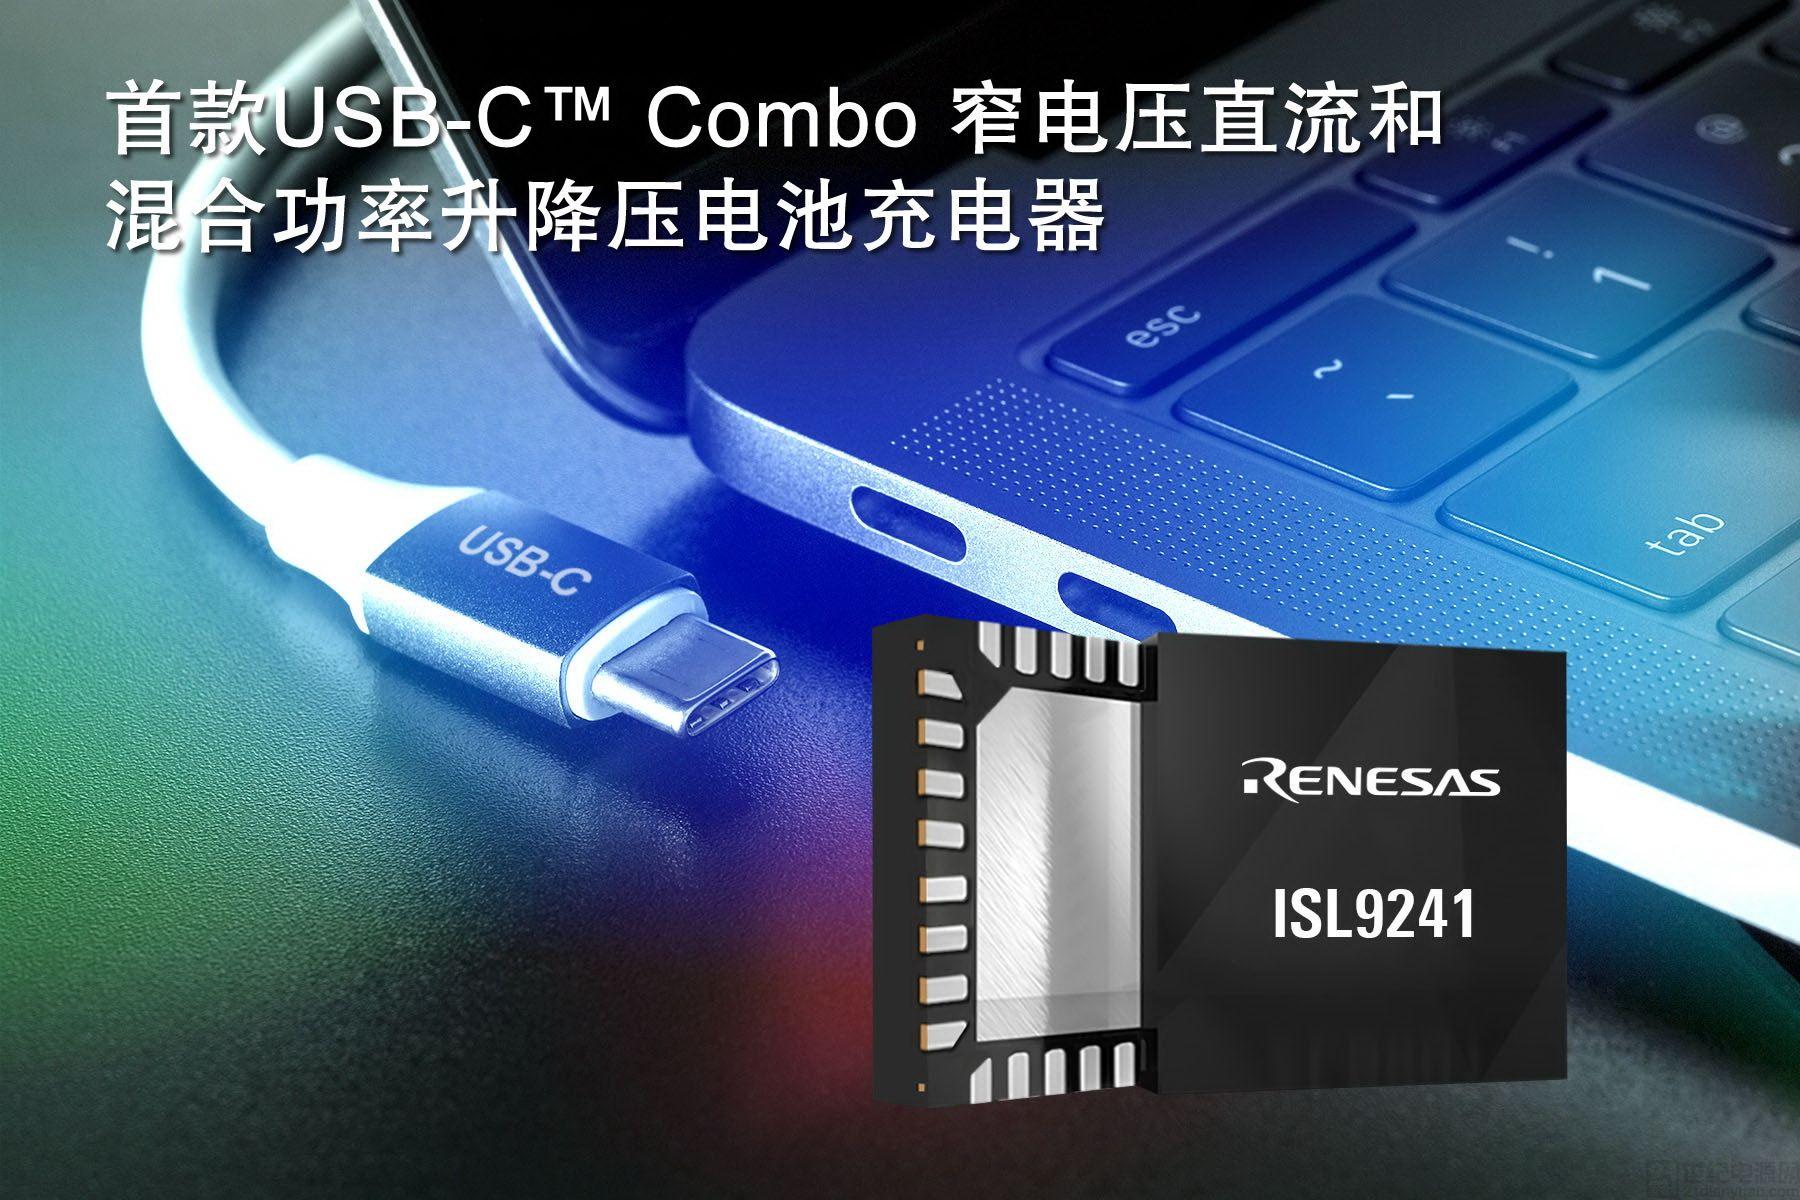 瑞萨电子推出业界首款应用于移动计算系统的 USB-C™ Combo 升降压电池充电器